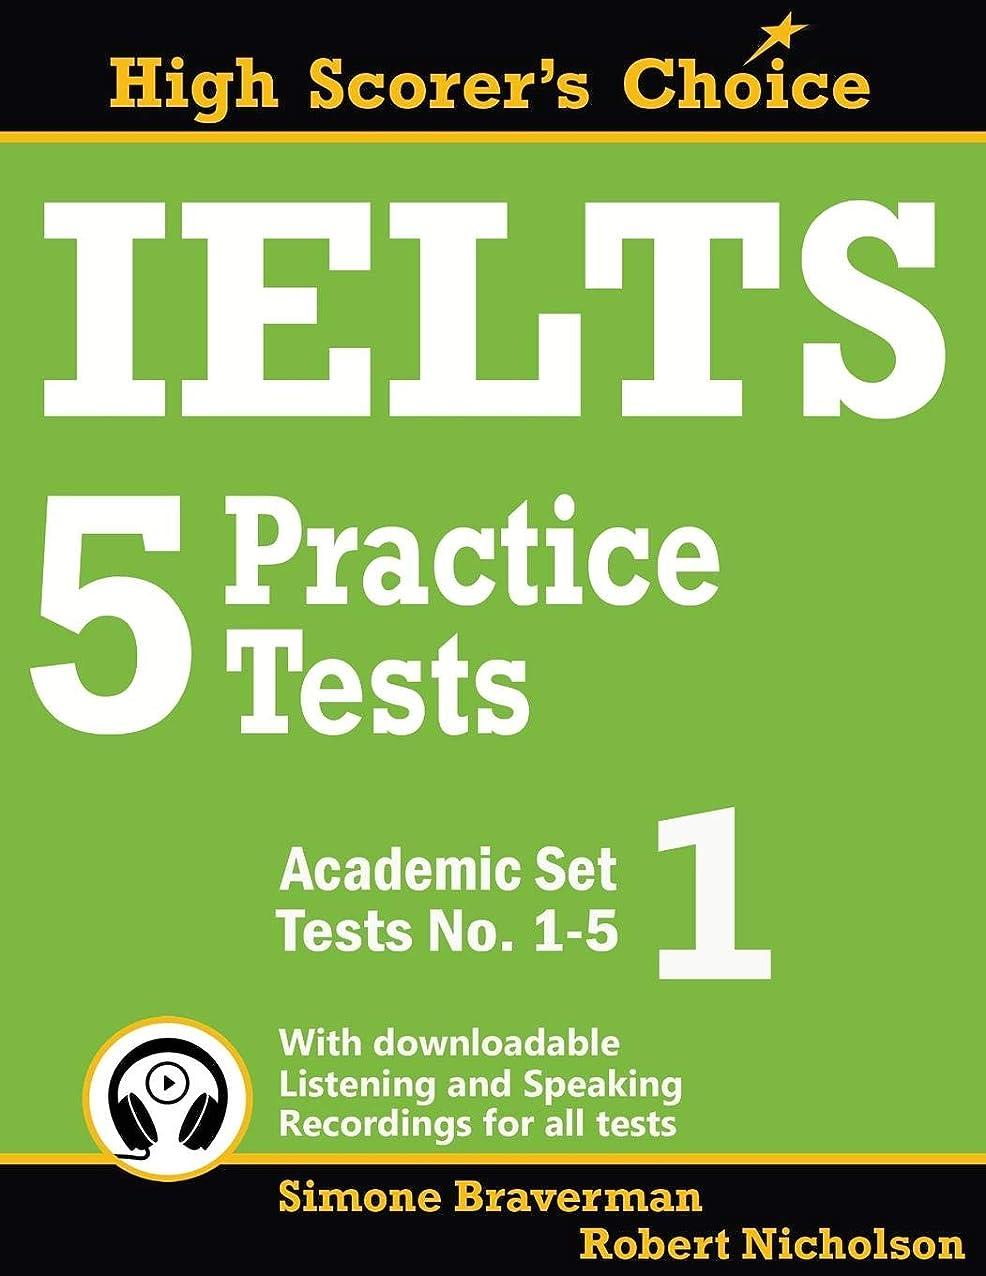 交じるつかむうれしいIELTS 5 Practice Tests, Academic Set 1: Tests No. 1-5 (High Scorer's Choice)